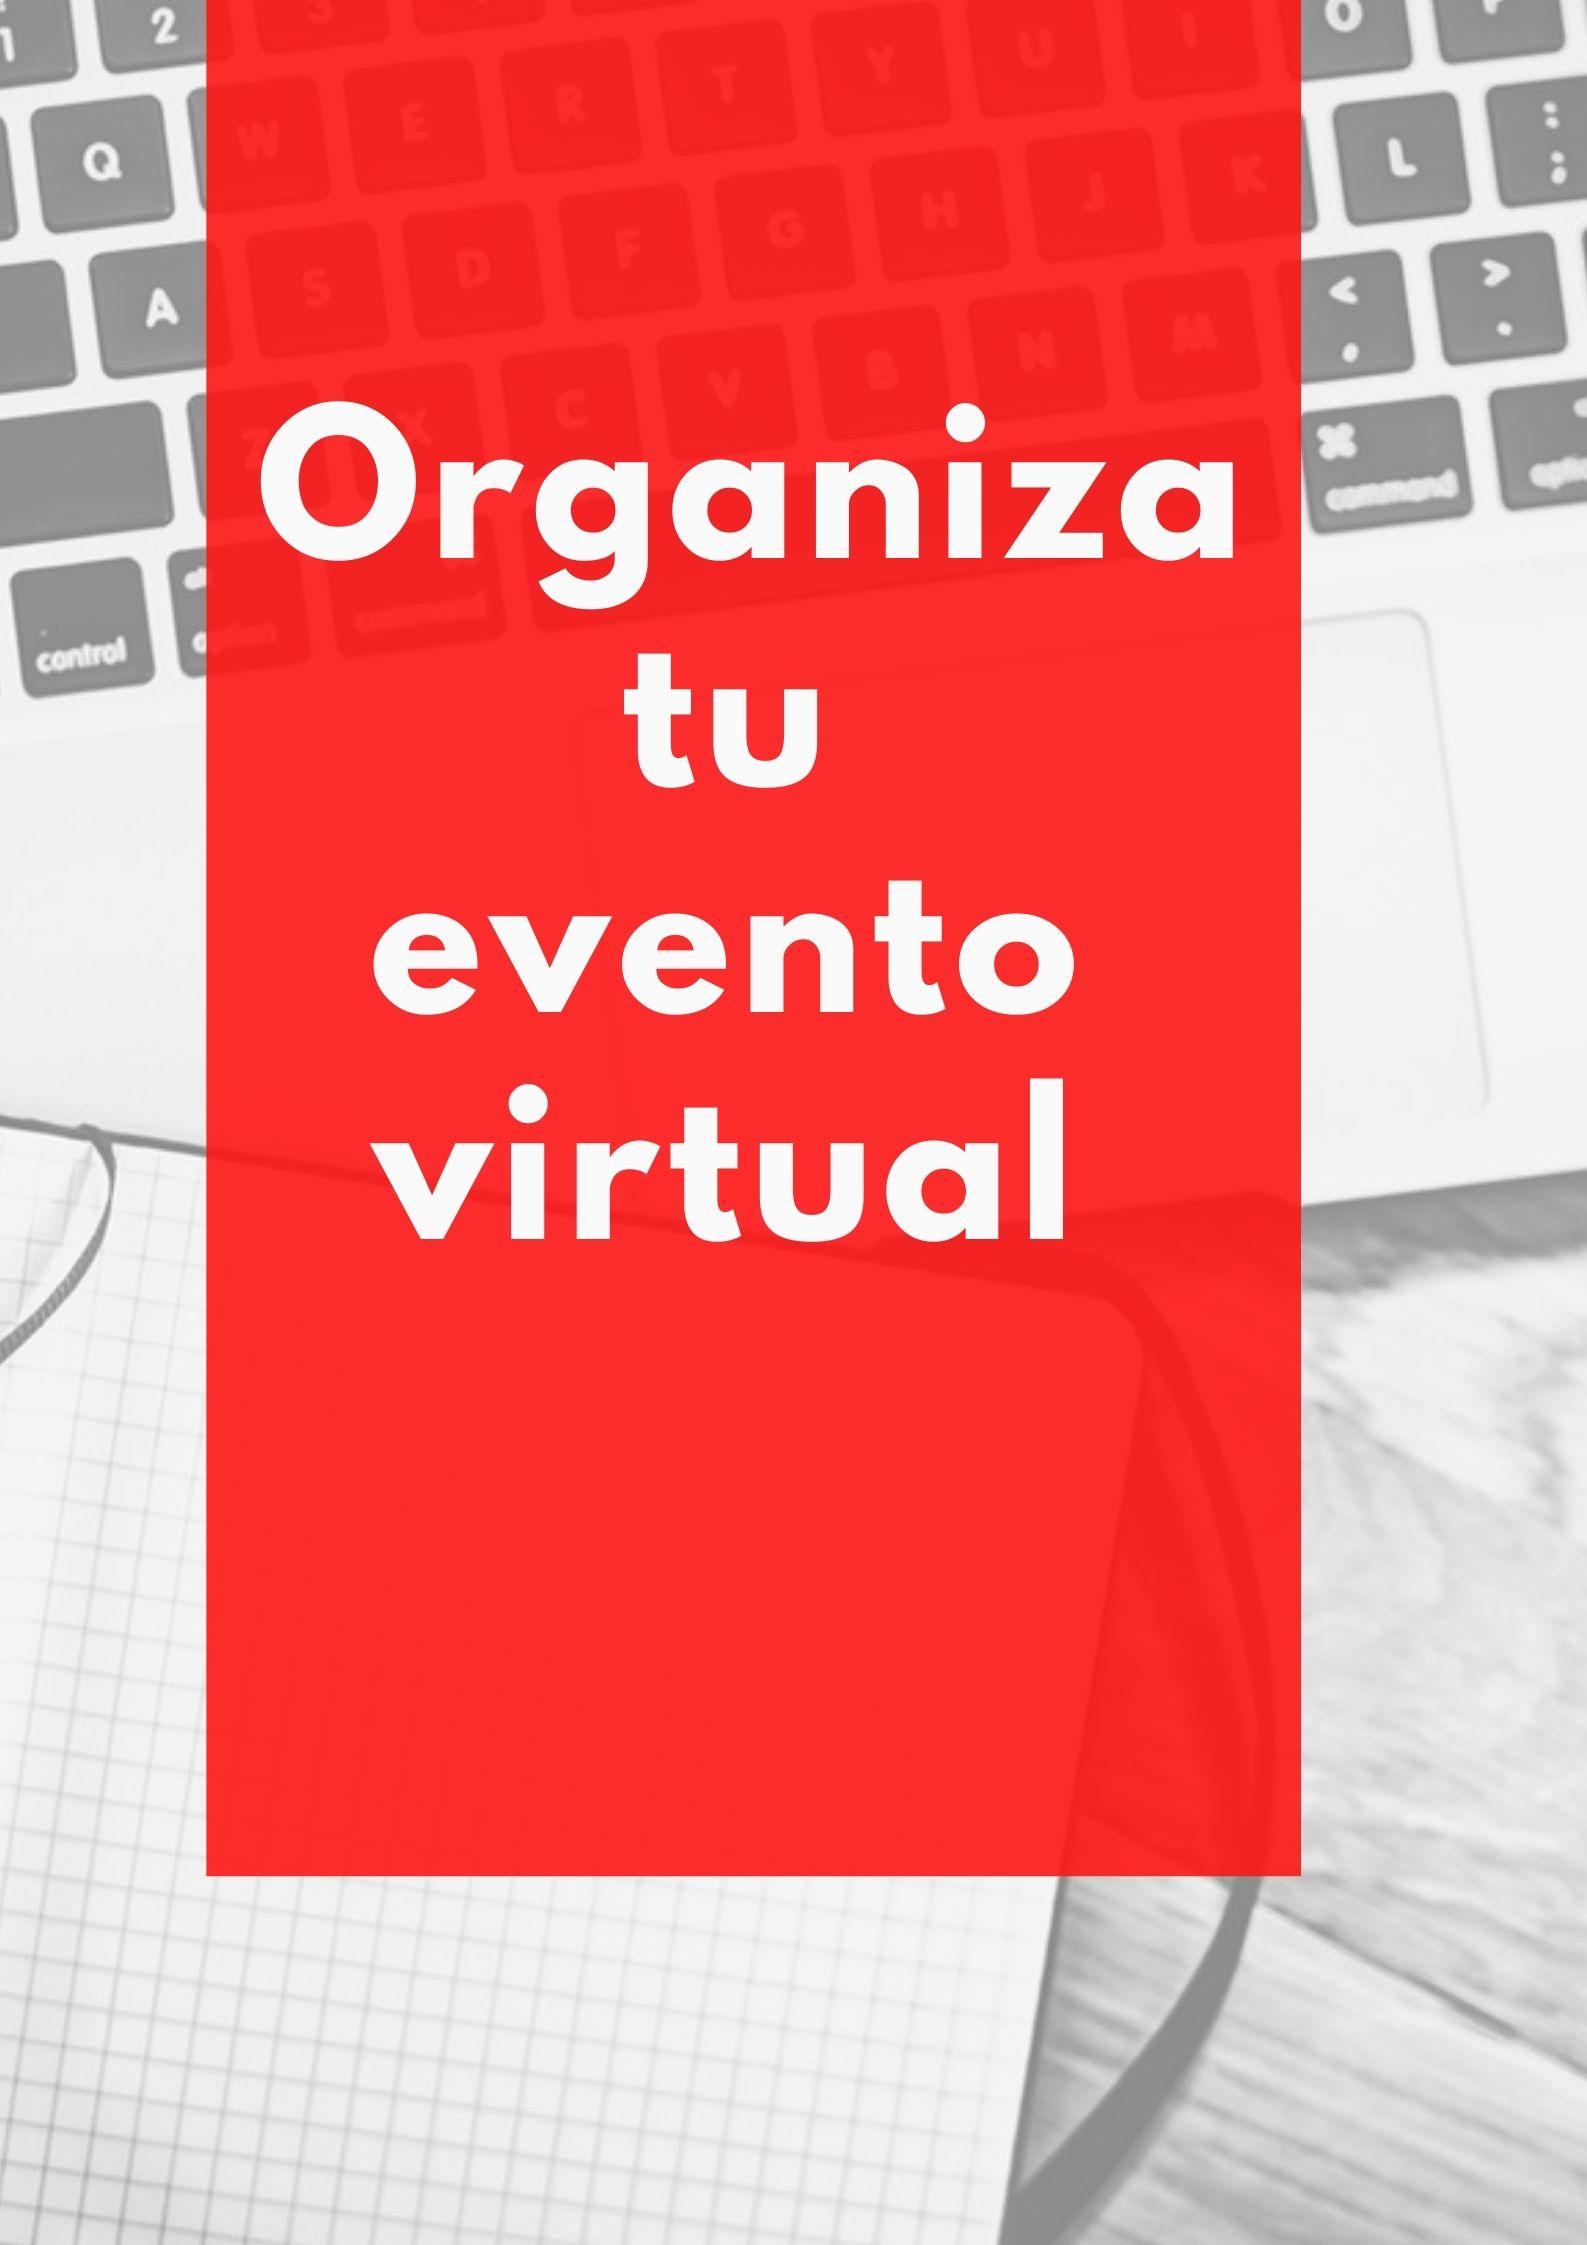 Algunas recomendaciones para hacer un evento virtual